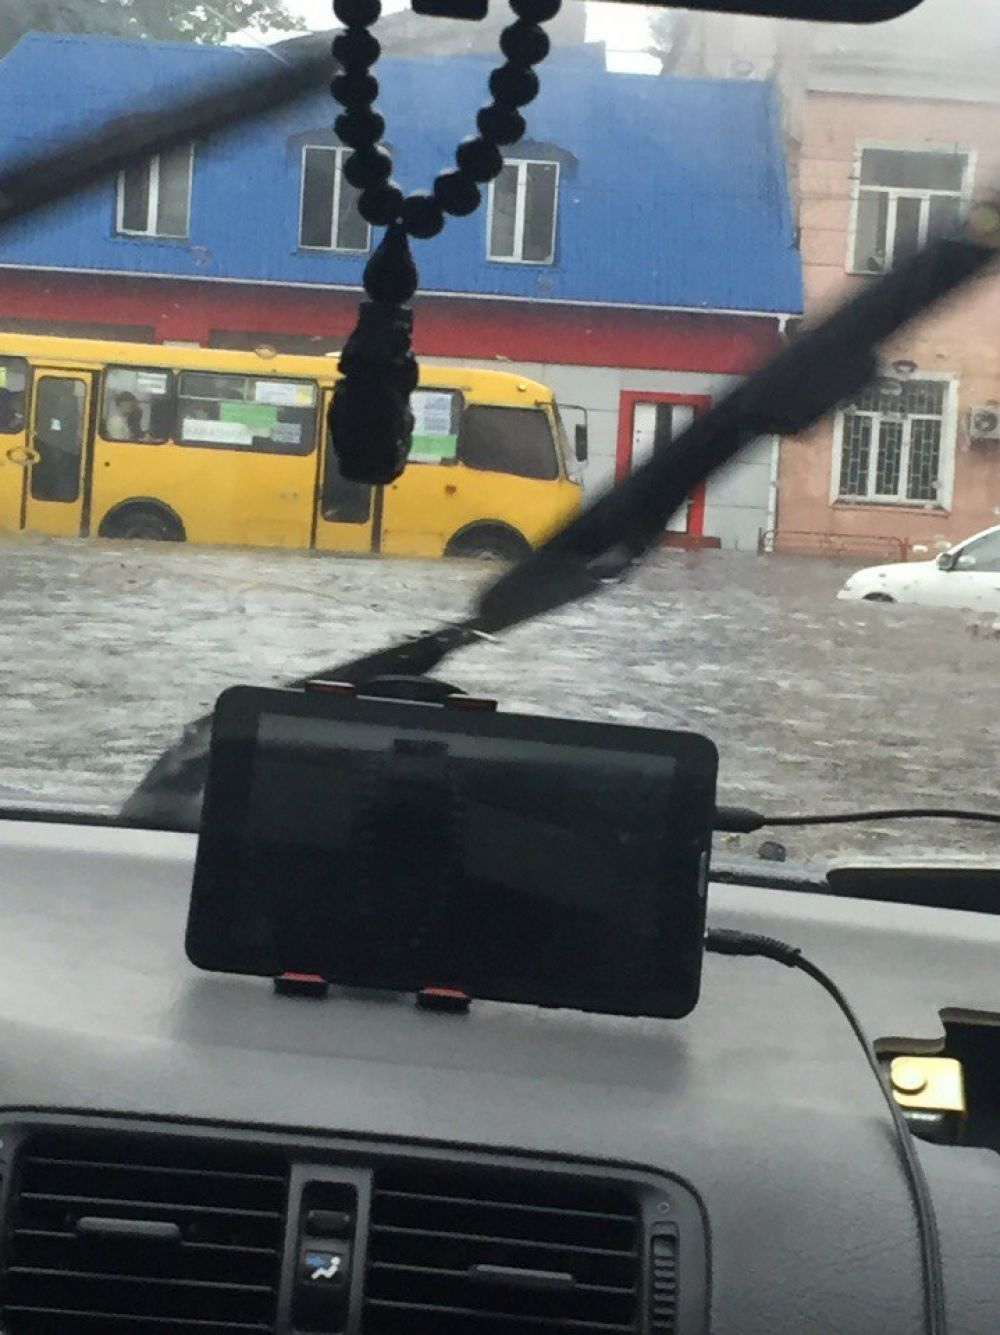 Если водитель видит через лобовое стекло такой уровень воды, то мы боимся спросить, не замочил ли он свои ноги